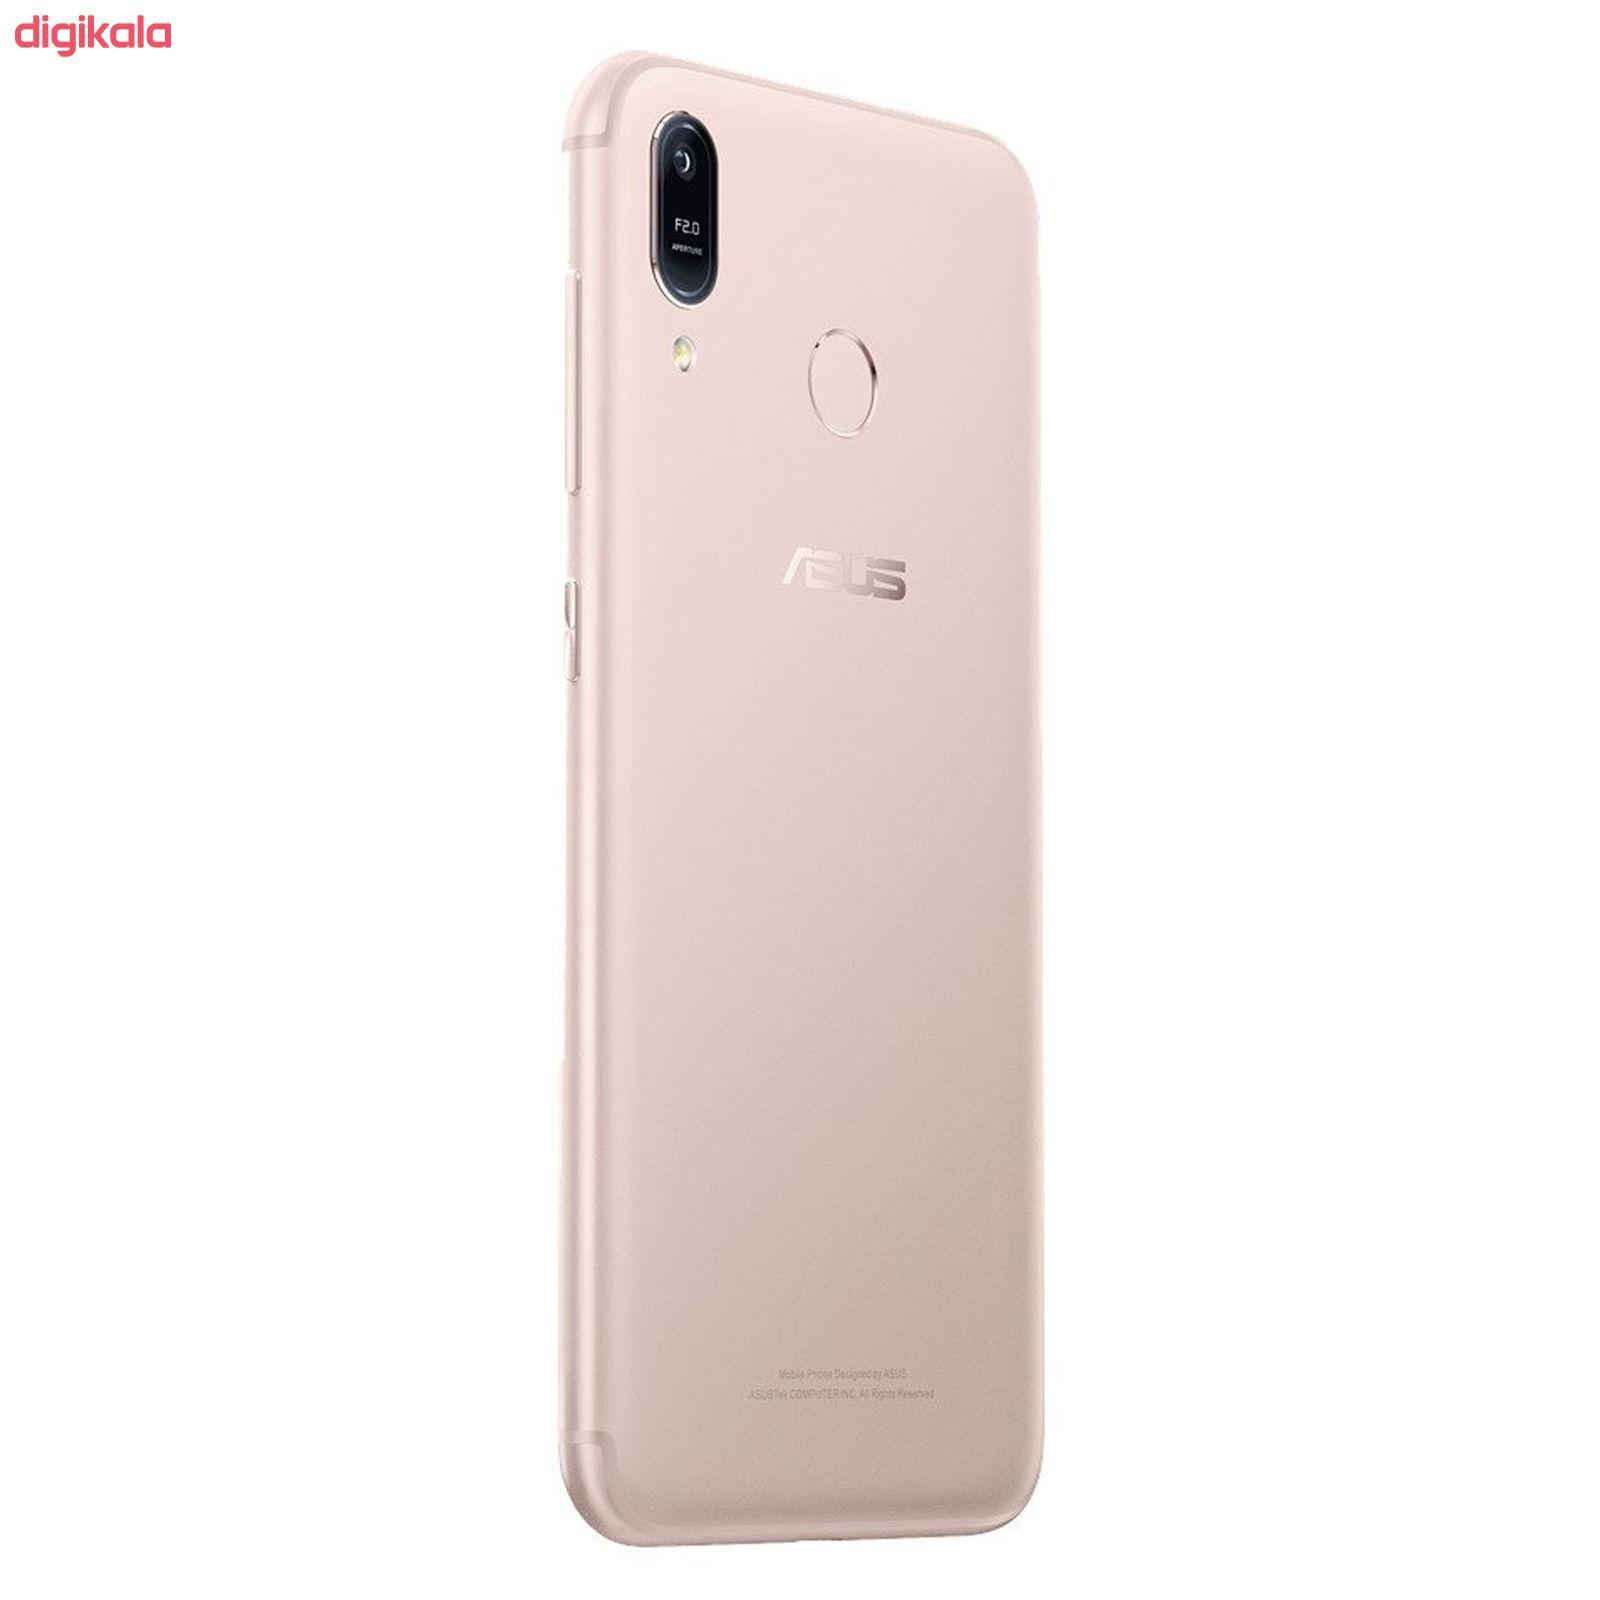 گوشی موبایل ایسوس مدل Zenfone Max ZB555KL دو سیم کارت ظرفیت 32 گیگابایت main 1 5